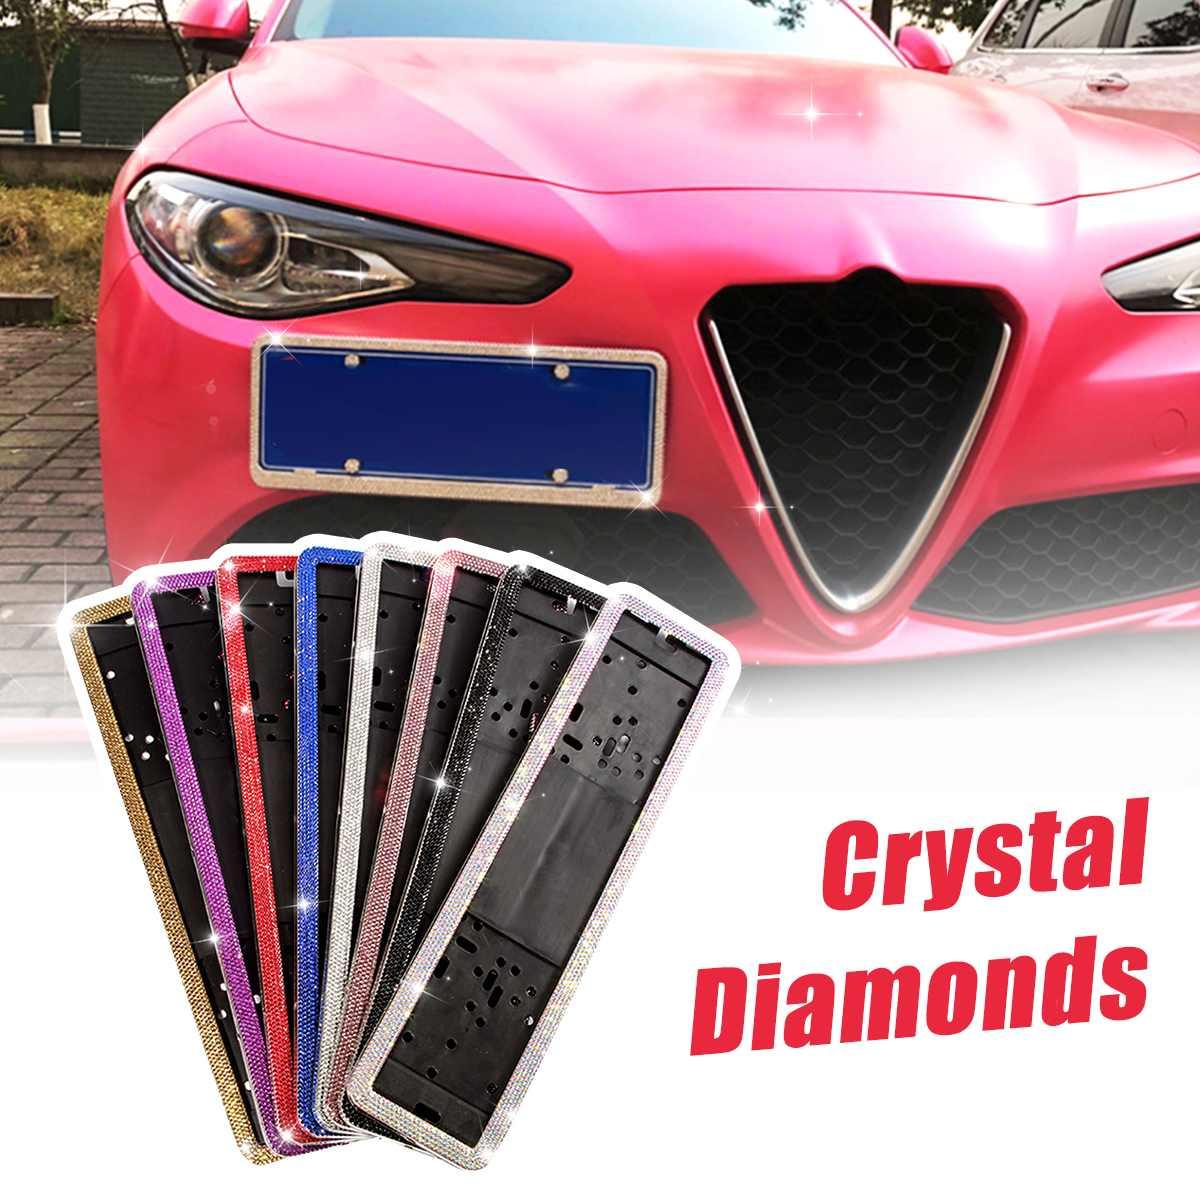 1PCS Russian Car European License Plate Frame Crystal License Plate Frame Luxury Rhinestone Car Frame Plate